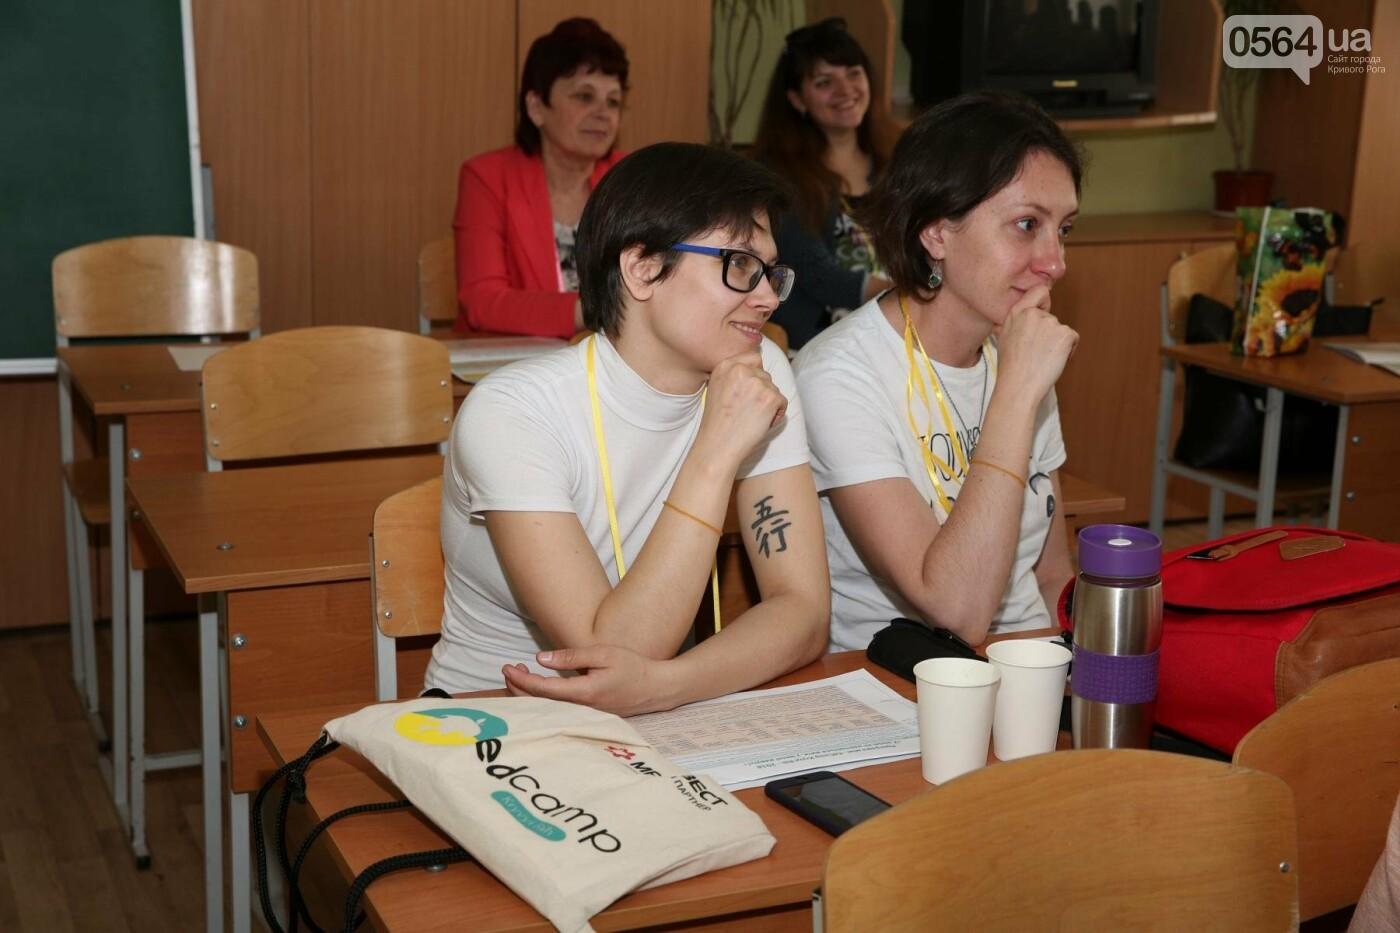 В Кривой Рог впервые слетелись «белые вороны» образования со всей Украины, фото-2